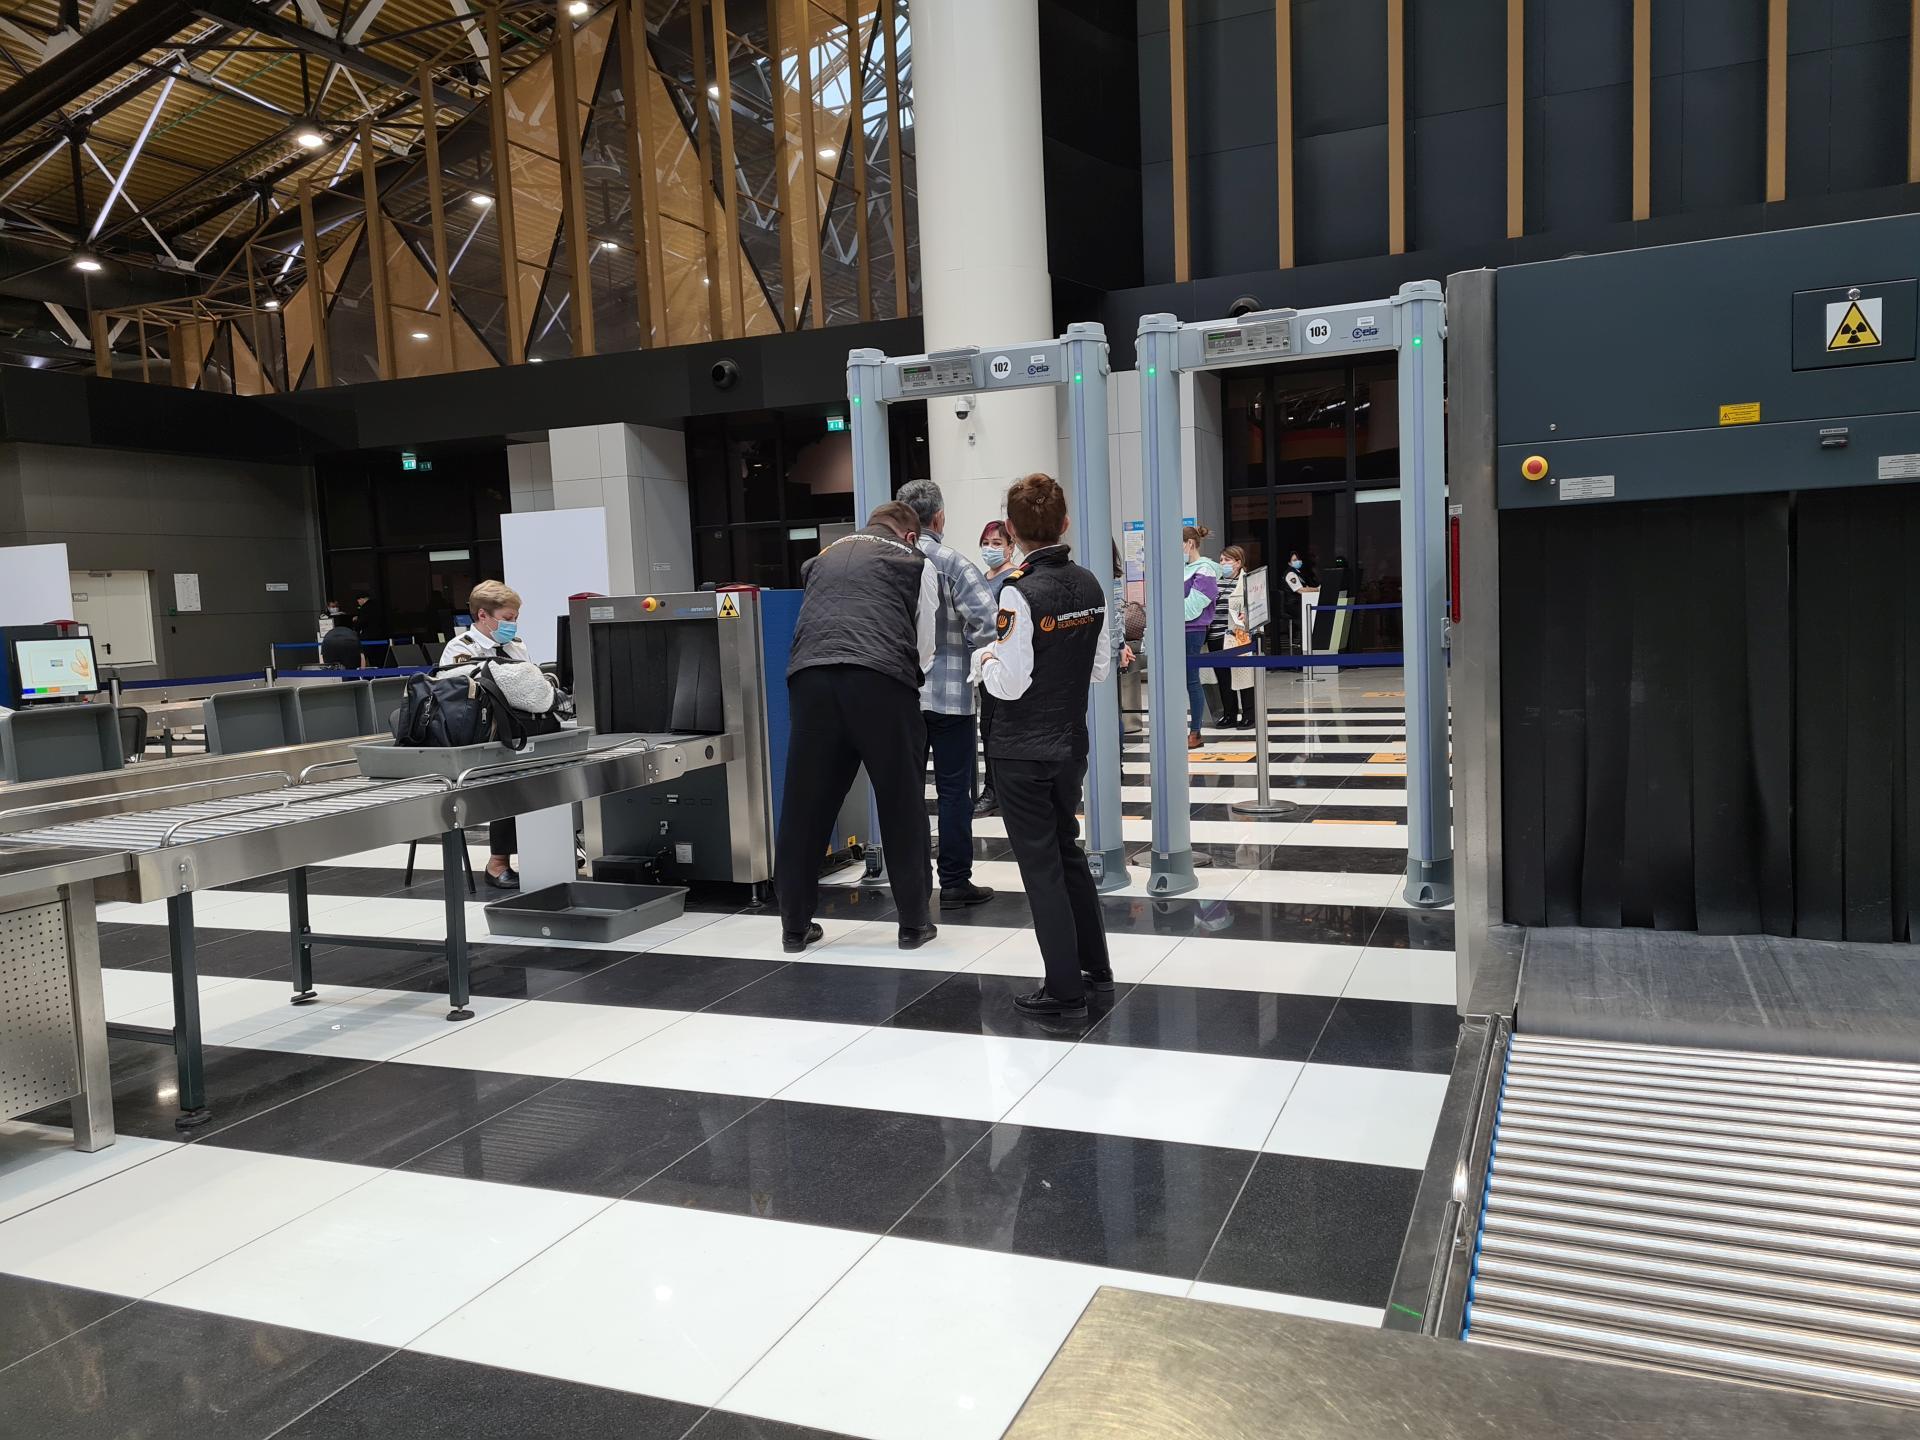 контроль при посадке на рейс в Шереметьево